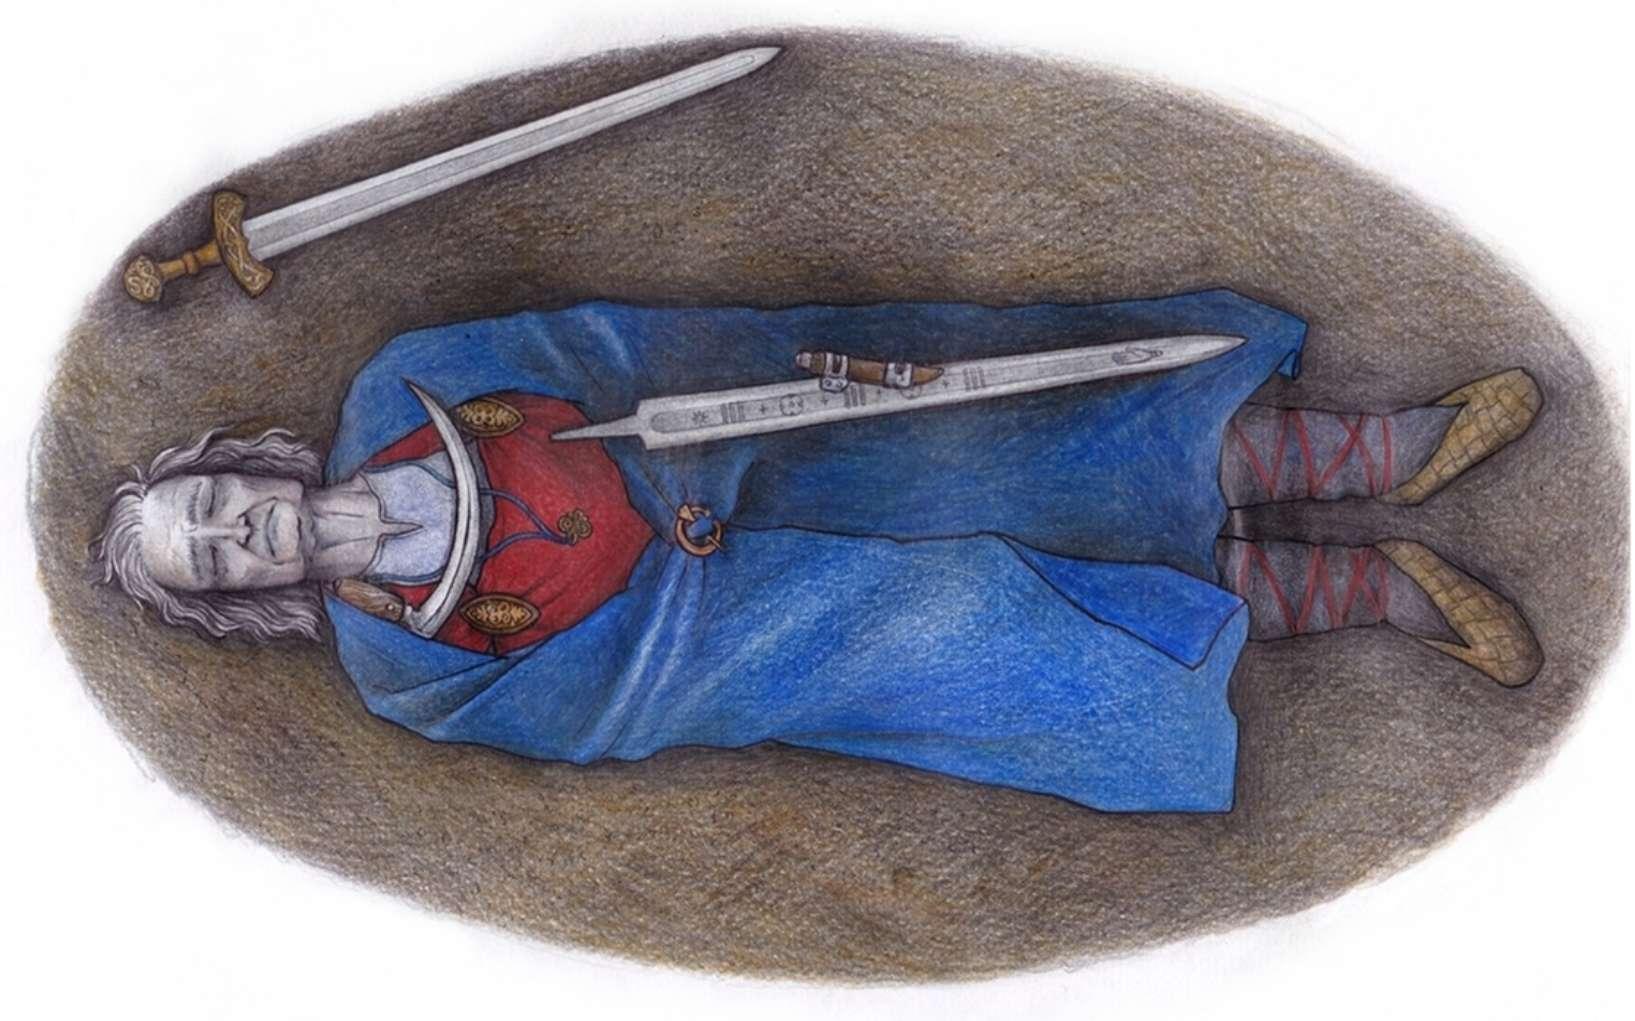 Vue d'artiste de l'individu au cours de l'inhumation. D'après son sexe chromosomique, il aurait pu avoir des traits physiques féminins (poitrine développée) et masculins (organes génitaux). © Moilanen et al, 2021